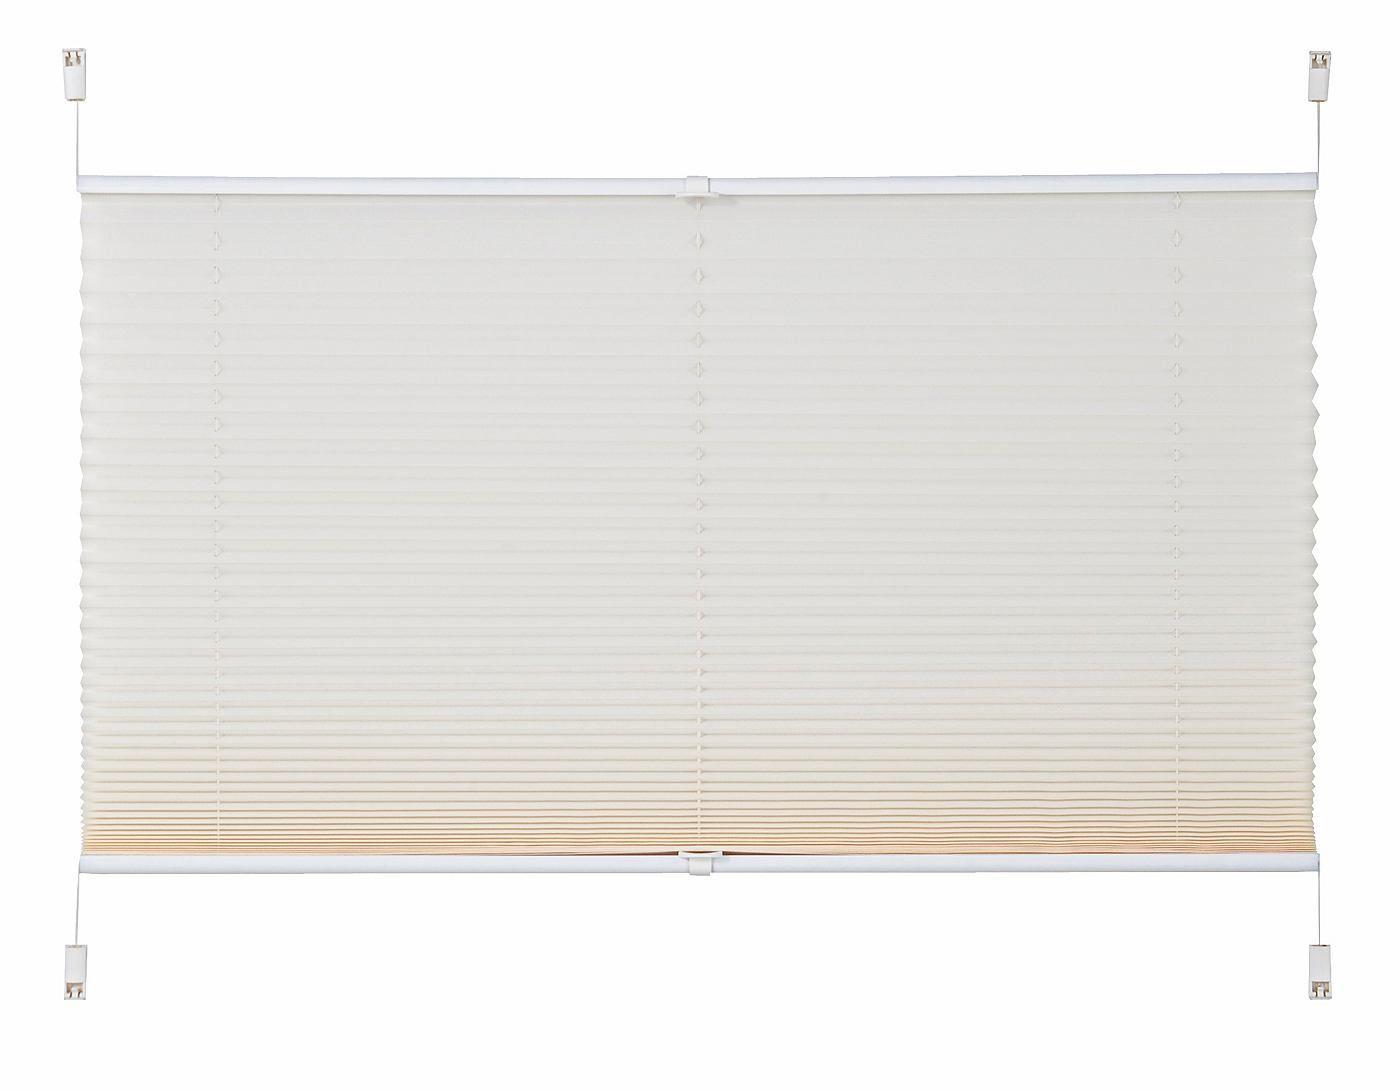 Ausf hrung die anlage ist fest am fenster verspannt und beidseitig verstellbar so ist keine - Fenster verdunkelung schienen ...